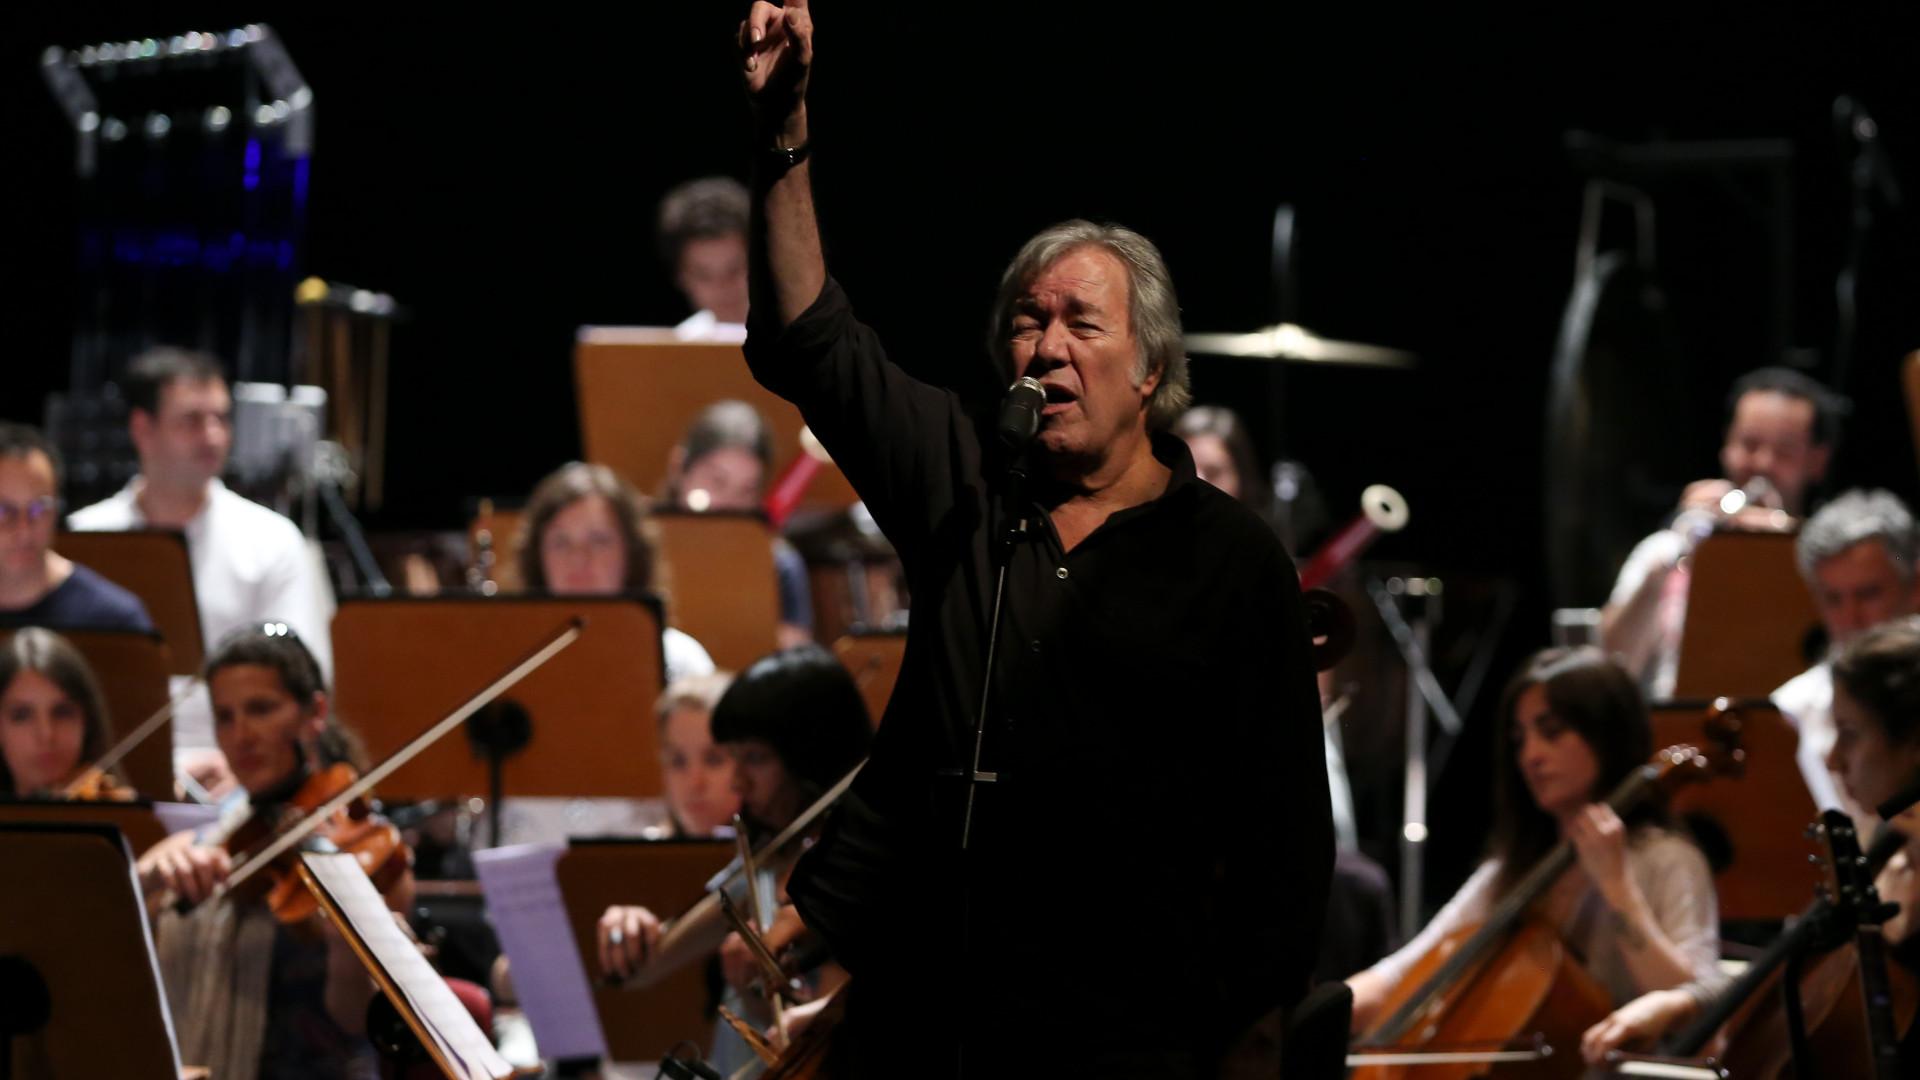 Canções de Sérgio Godinho ganham nova vida com Orquestra Metropolitana